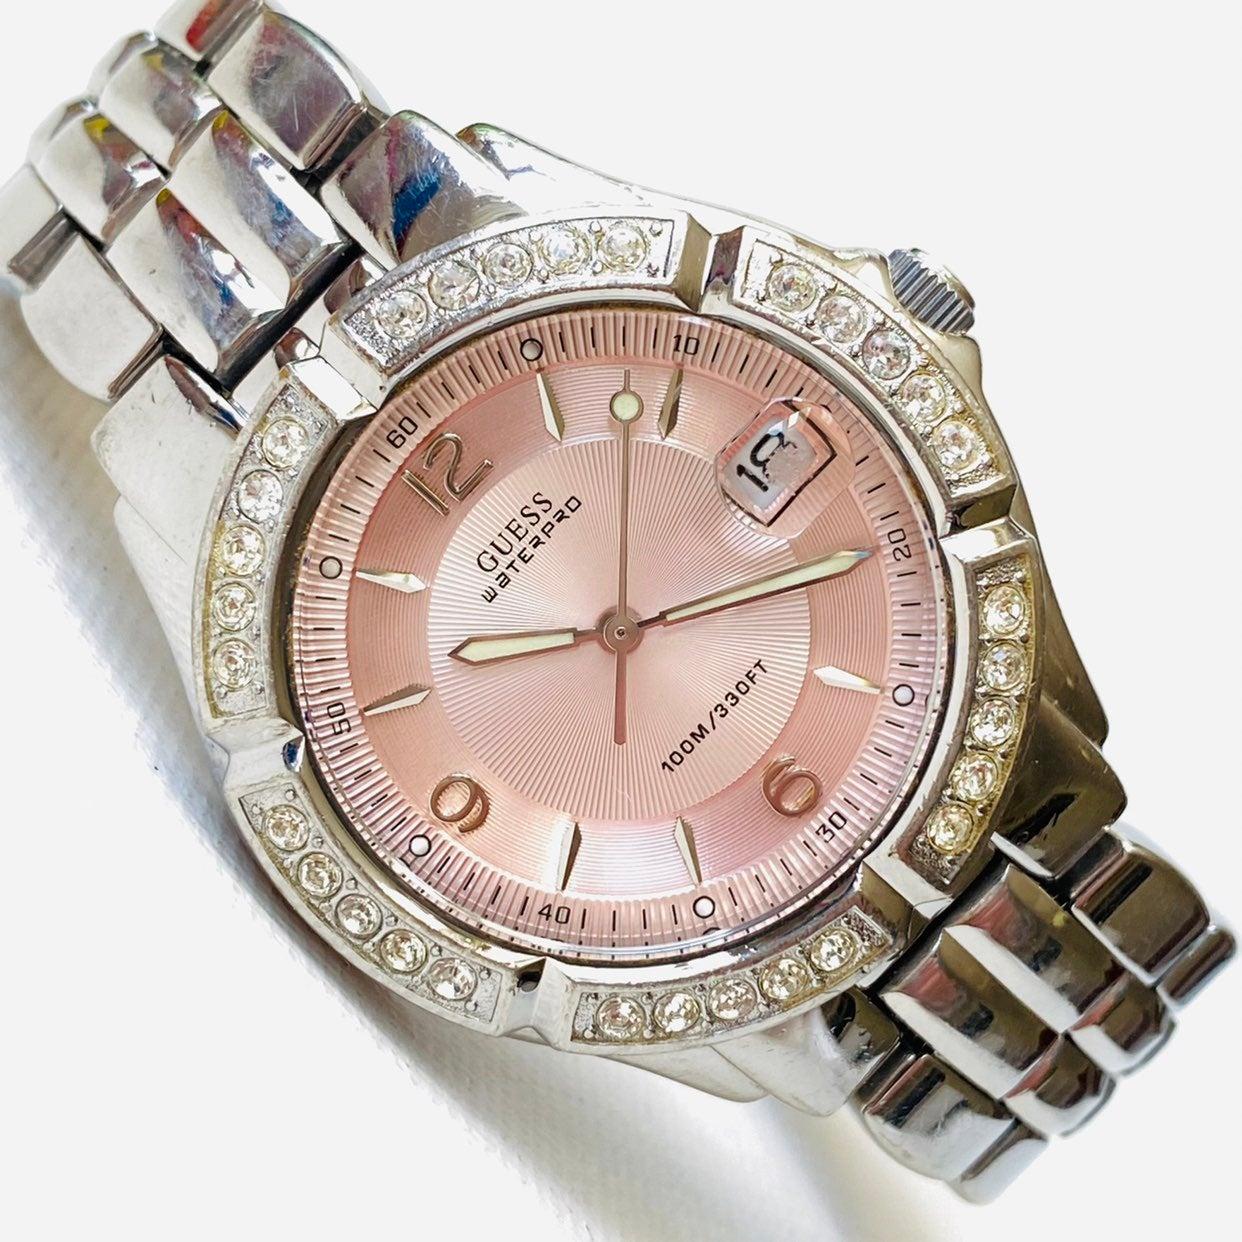 Guess WaterPro Women's Watch Silver